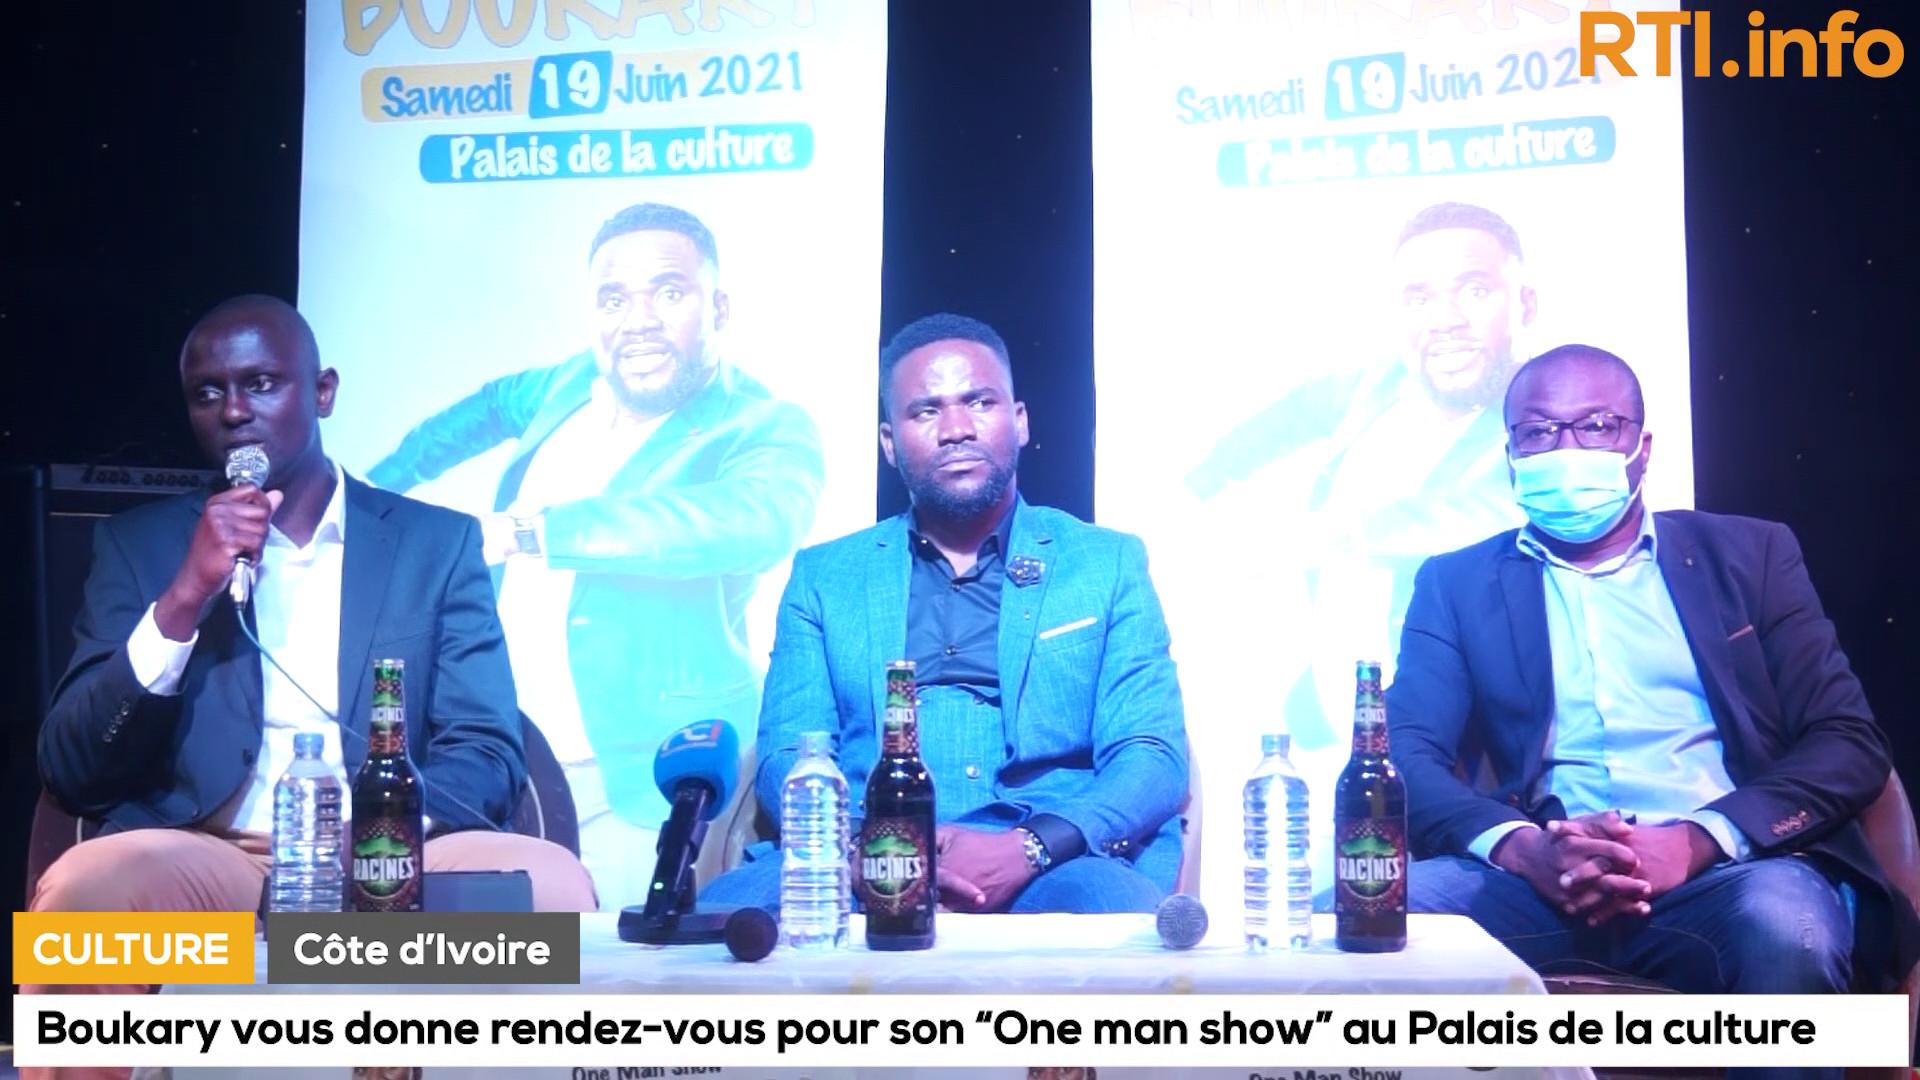 """Boukary vous donne rendez-vous pour son """"One man show"""" au Palais de la culture"""